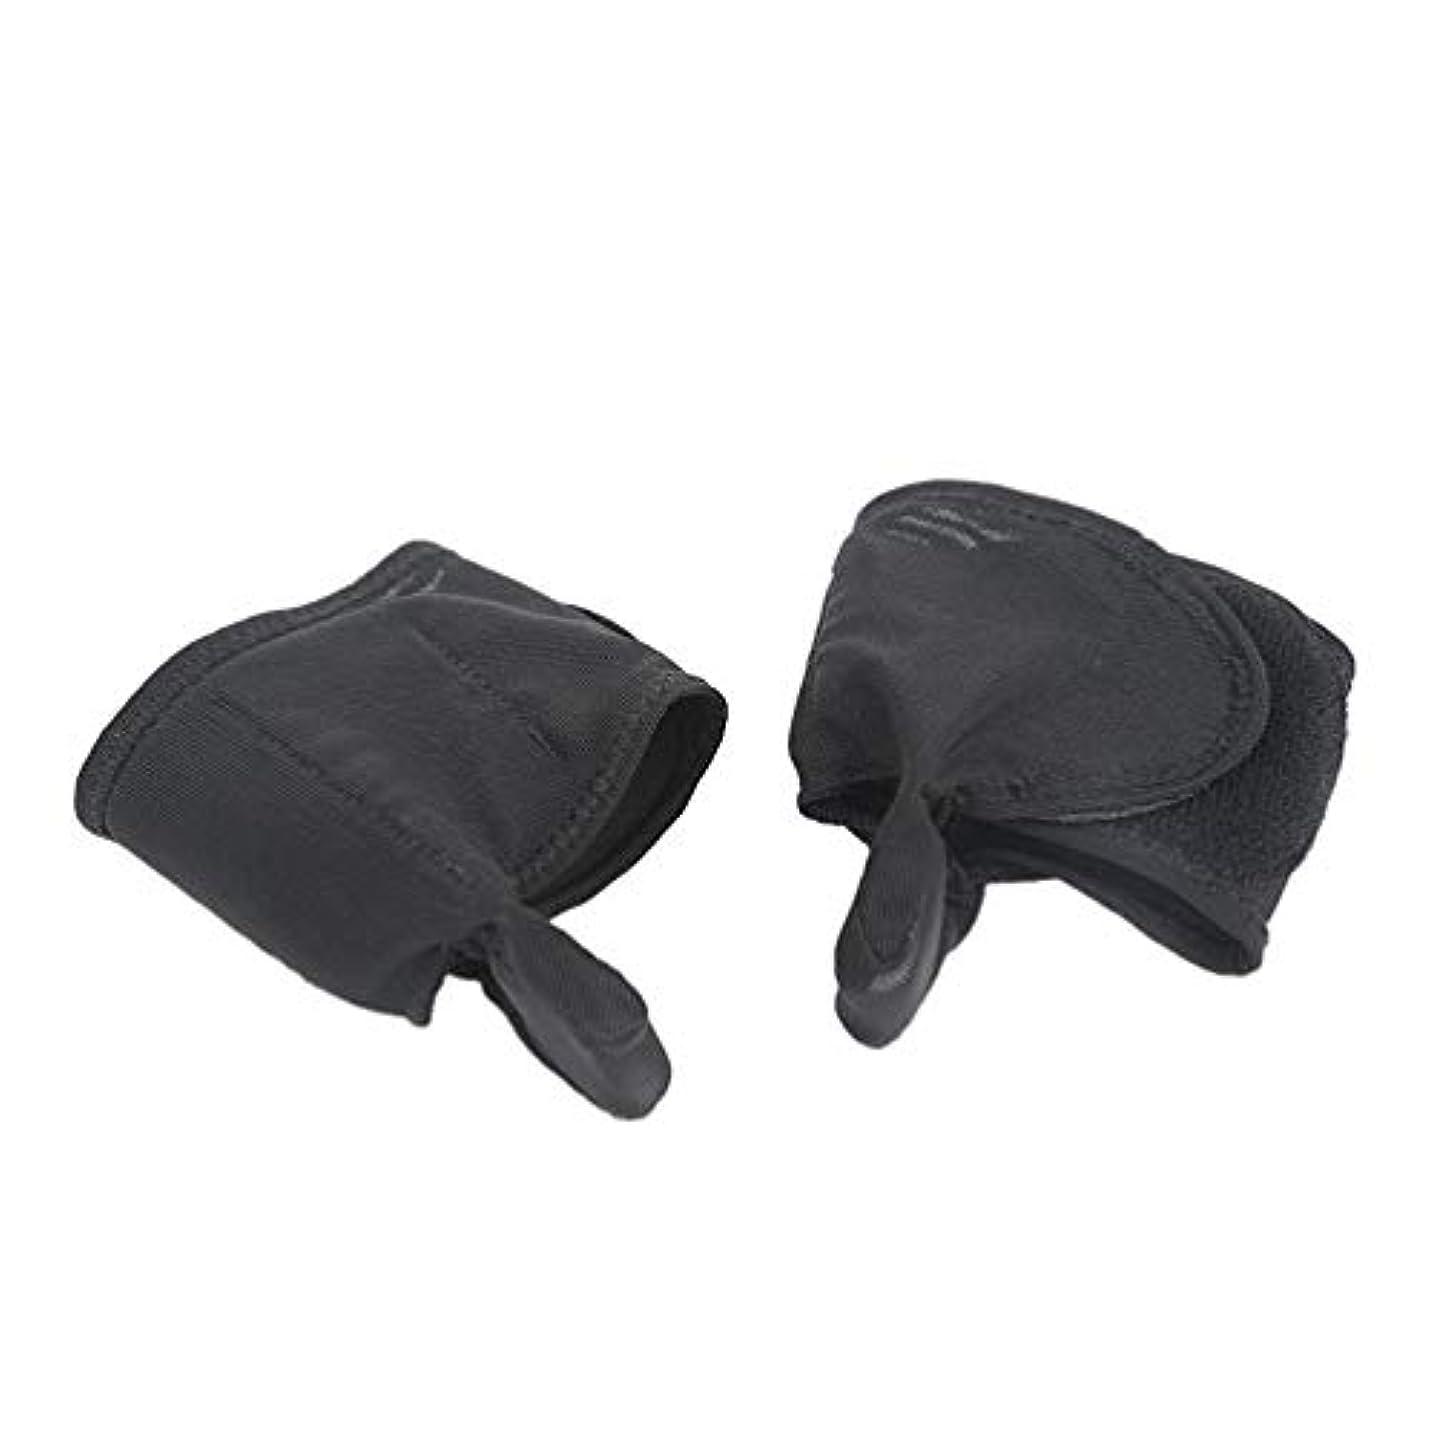 手書き偽善者チャンバーSUPVOX 1ペア腱膜瘤補正腱膜瘤プロテクタースリーブ足の親指矯正カバー